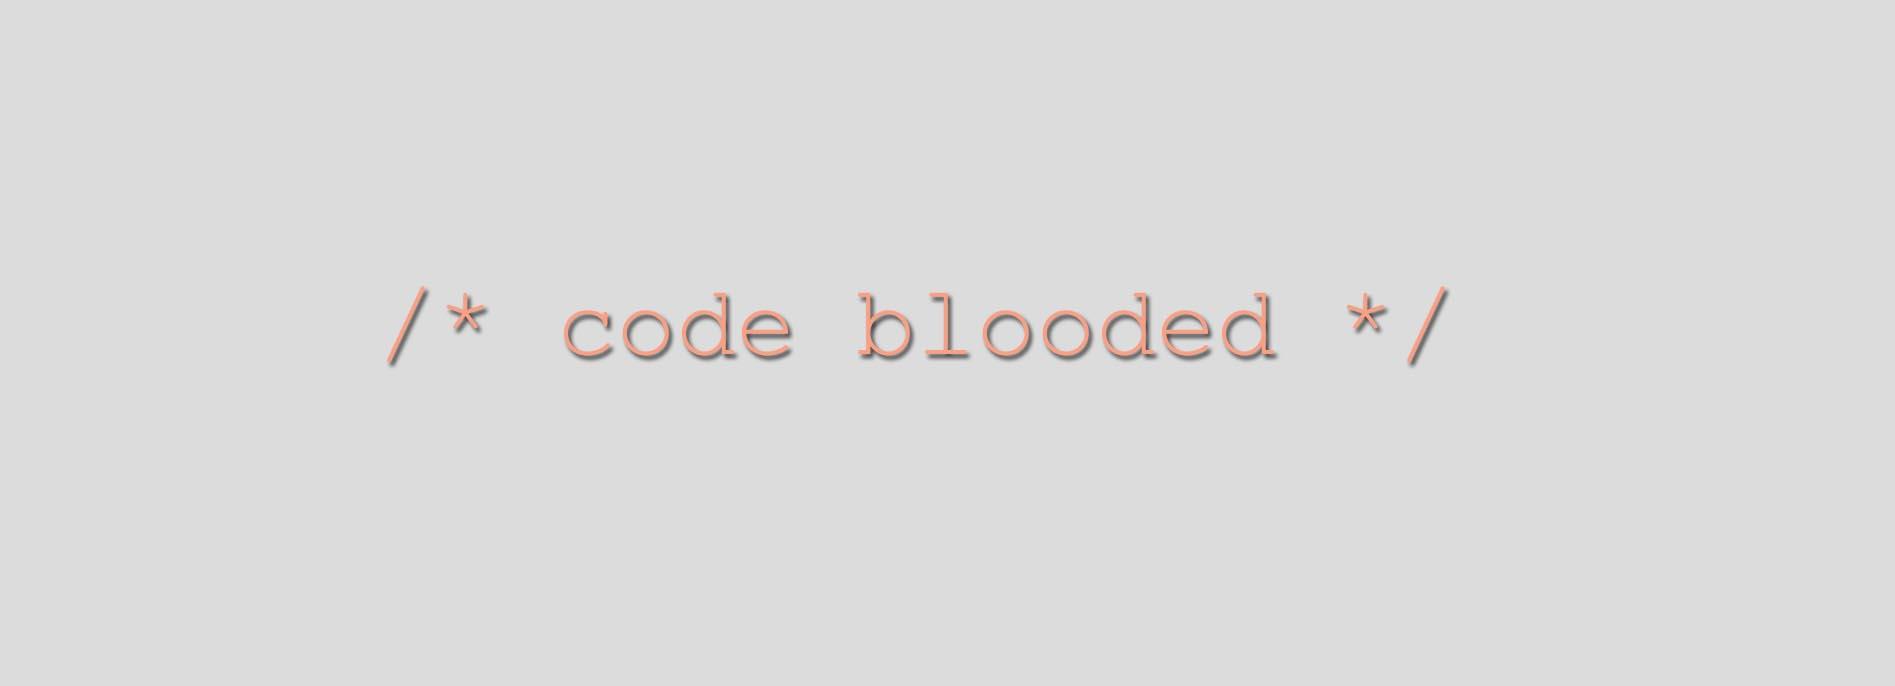 codeBlooded.jpg